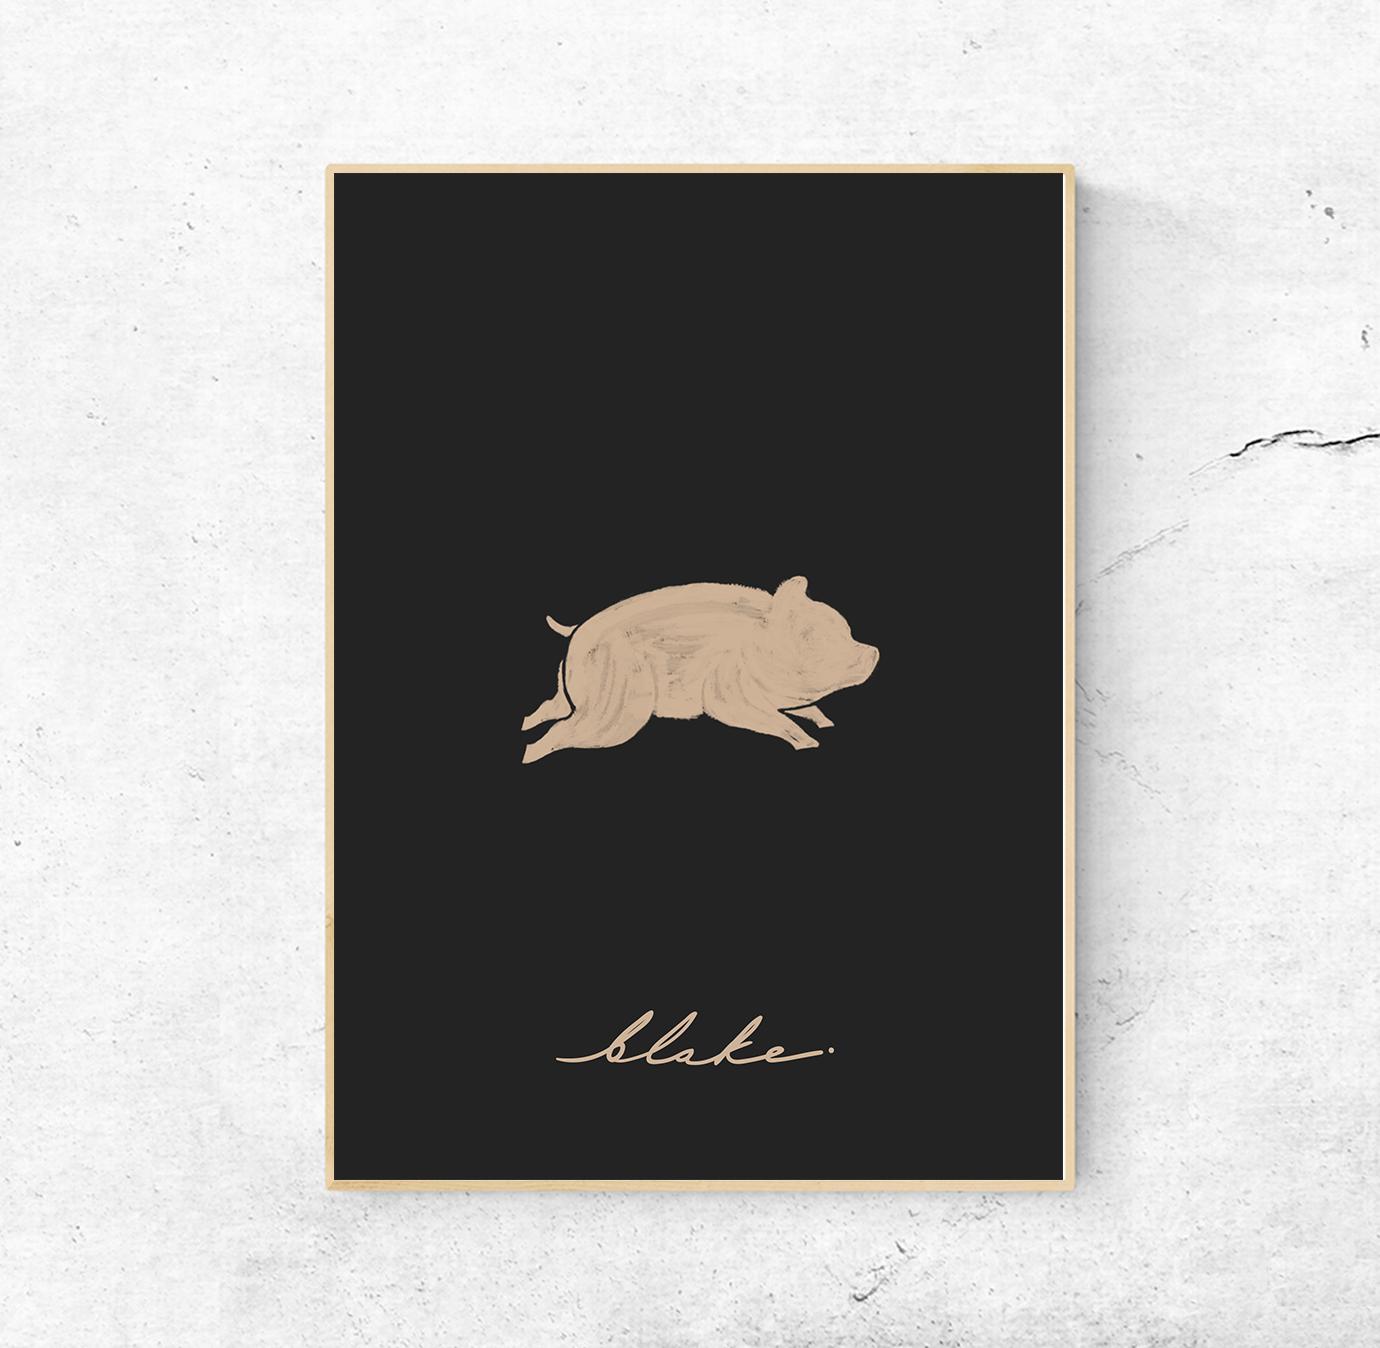 poster-pig-black-blake-yoenpaperland